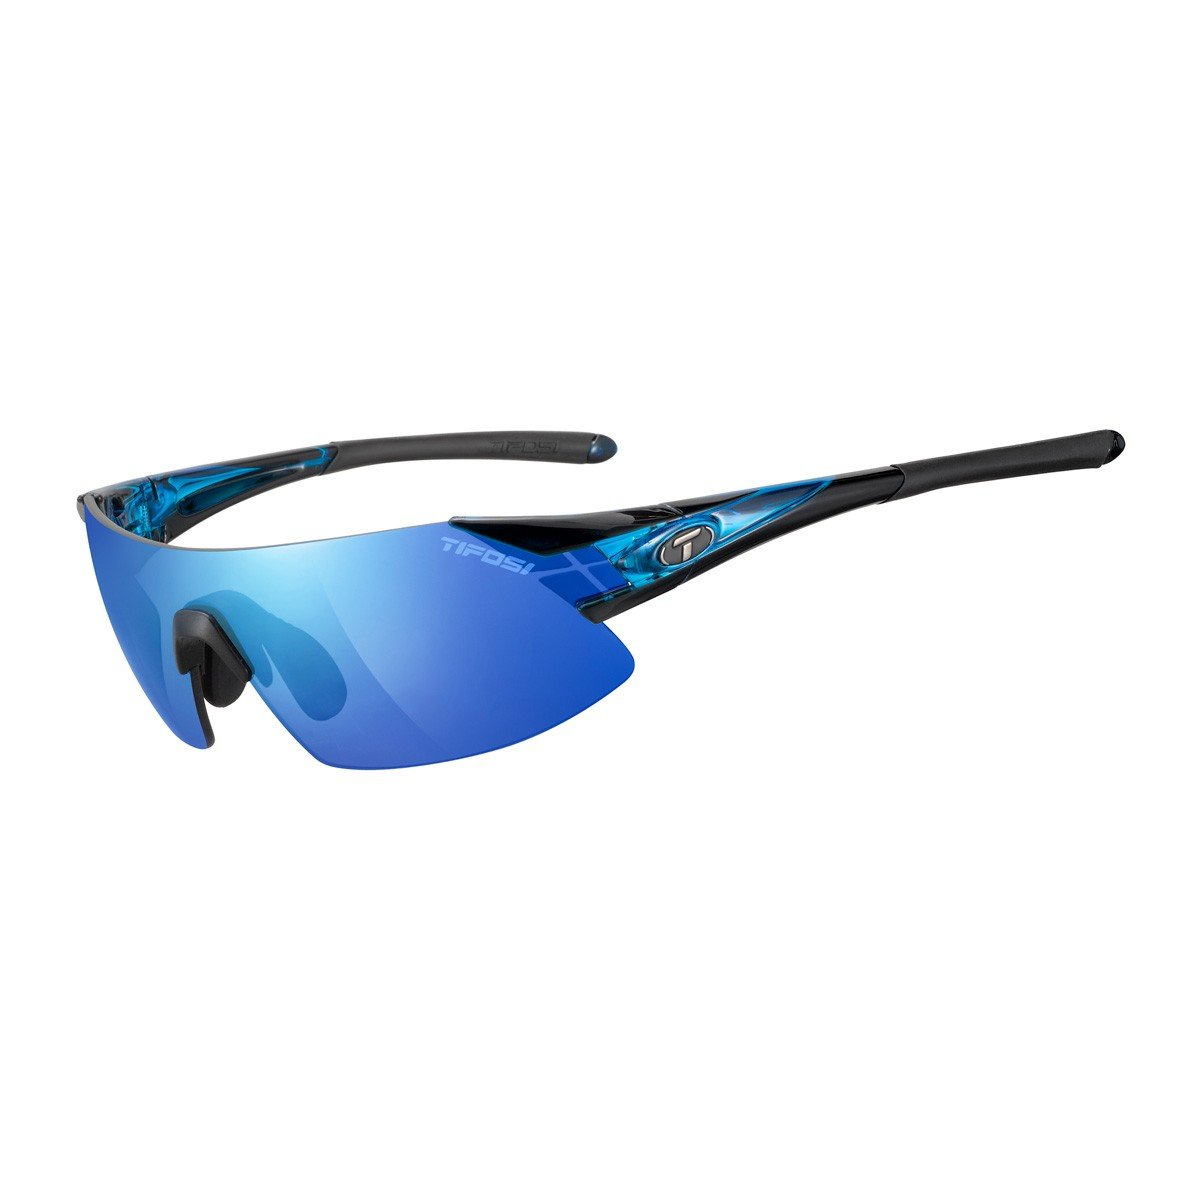 Tifosi Podium XC Sunglasses